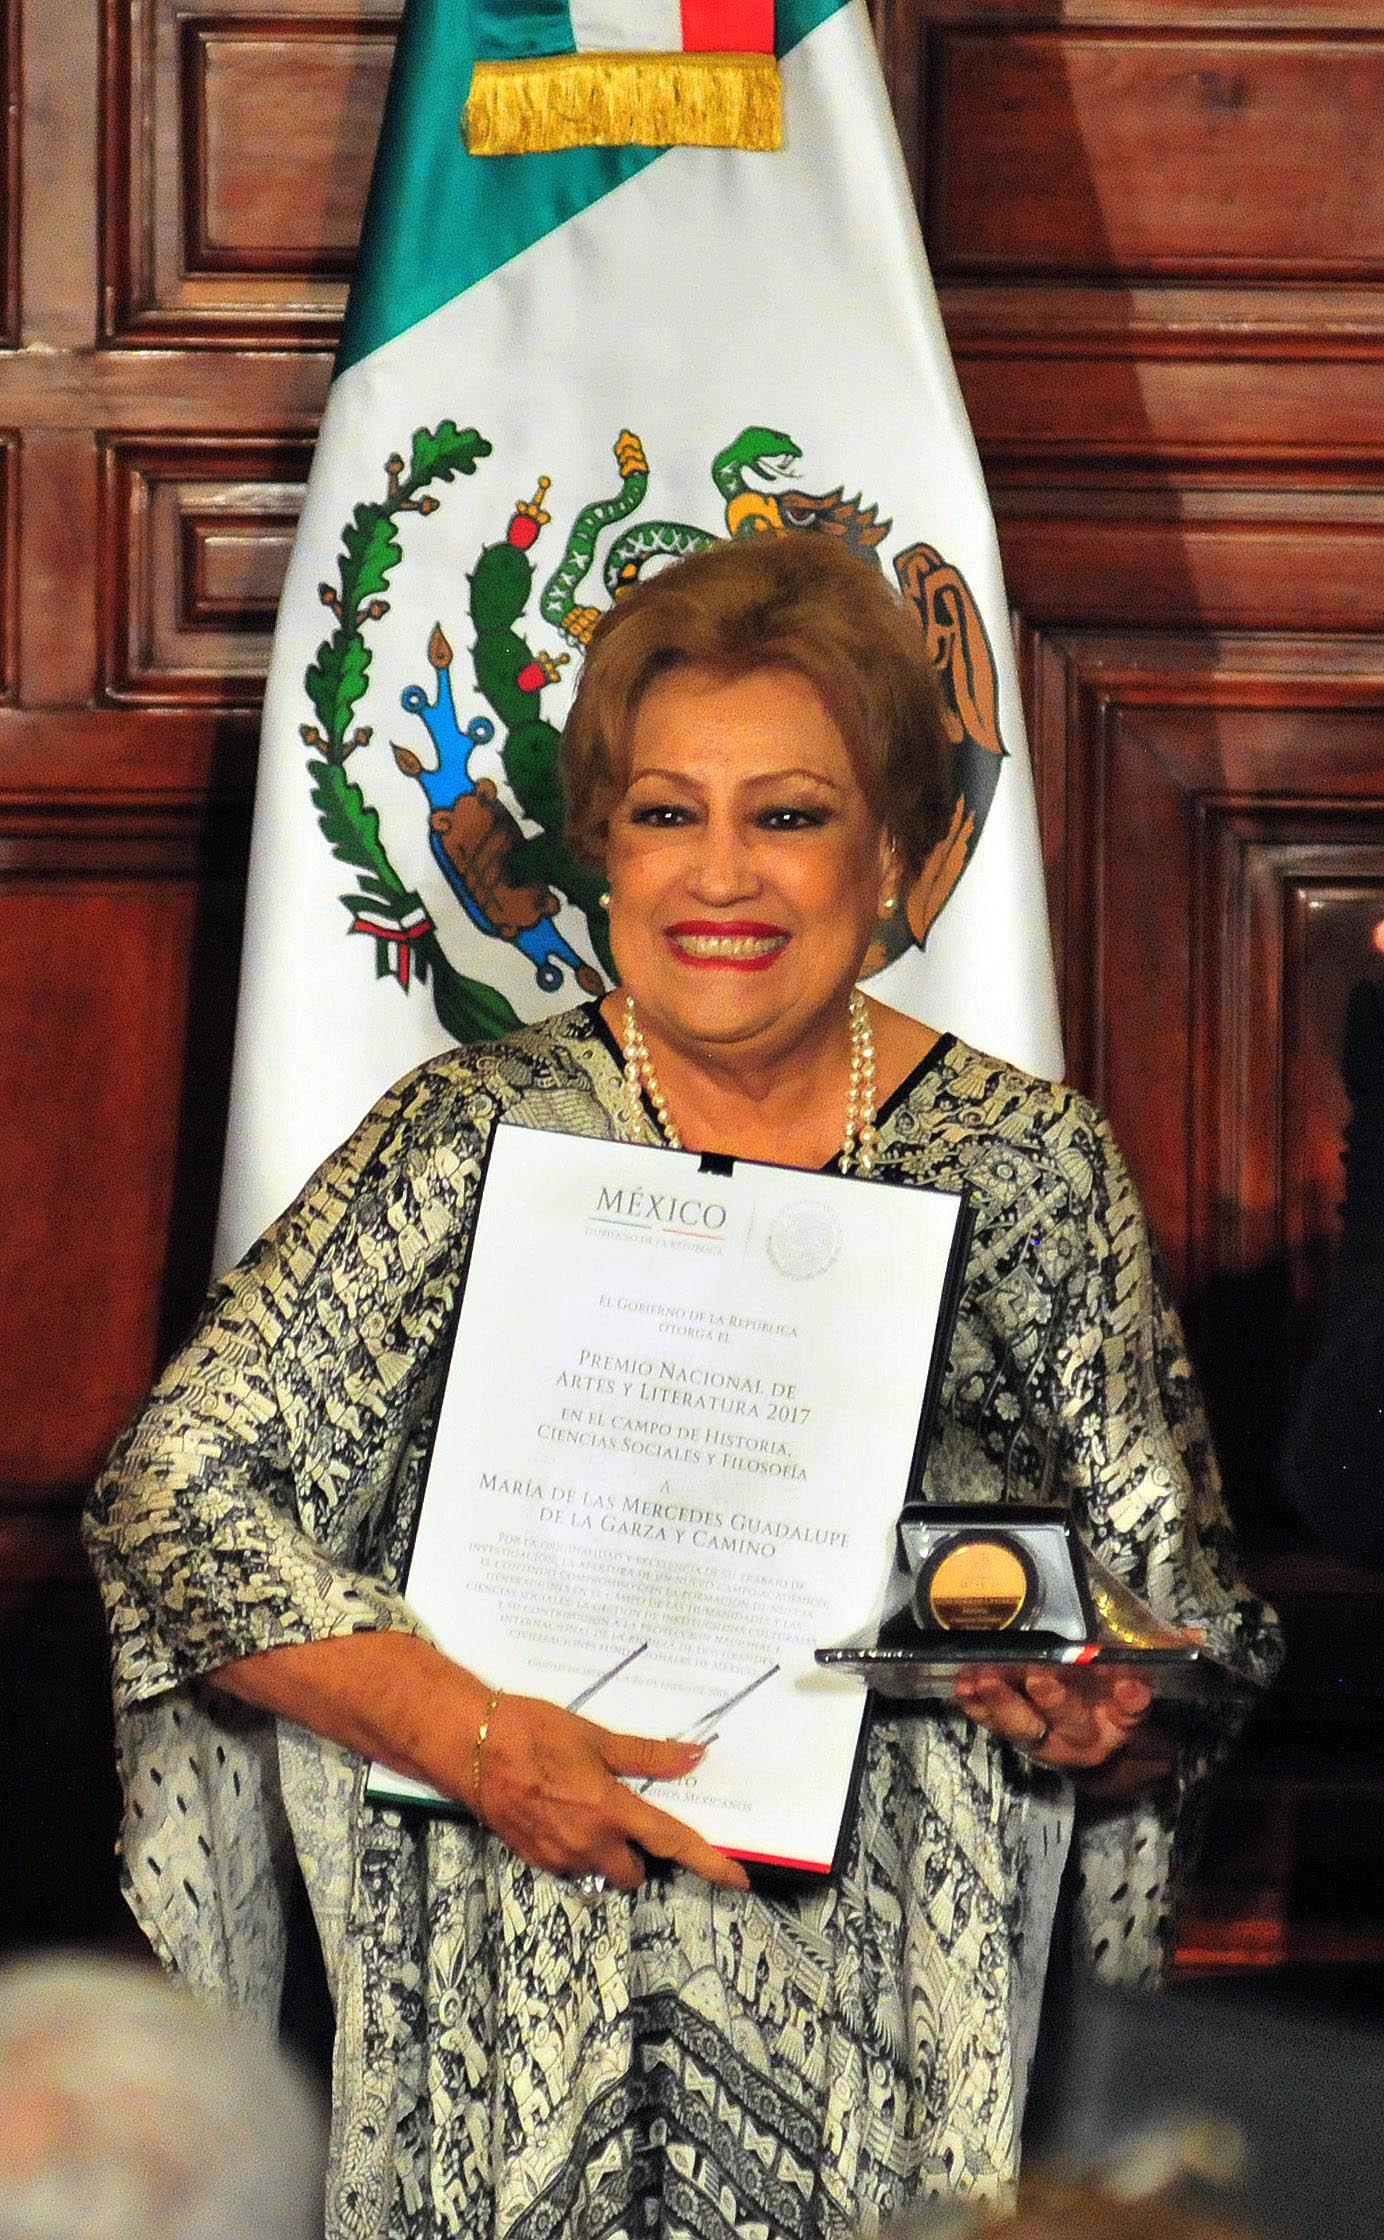 ENTREGAN A DOS INVESTIGADORAS DE LA UNAM LOS PREMIOS NACIONALES DE CIENCIAS, DE ARTE Y LITERATURA